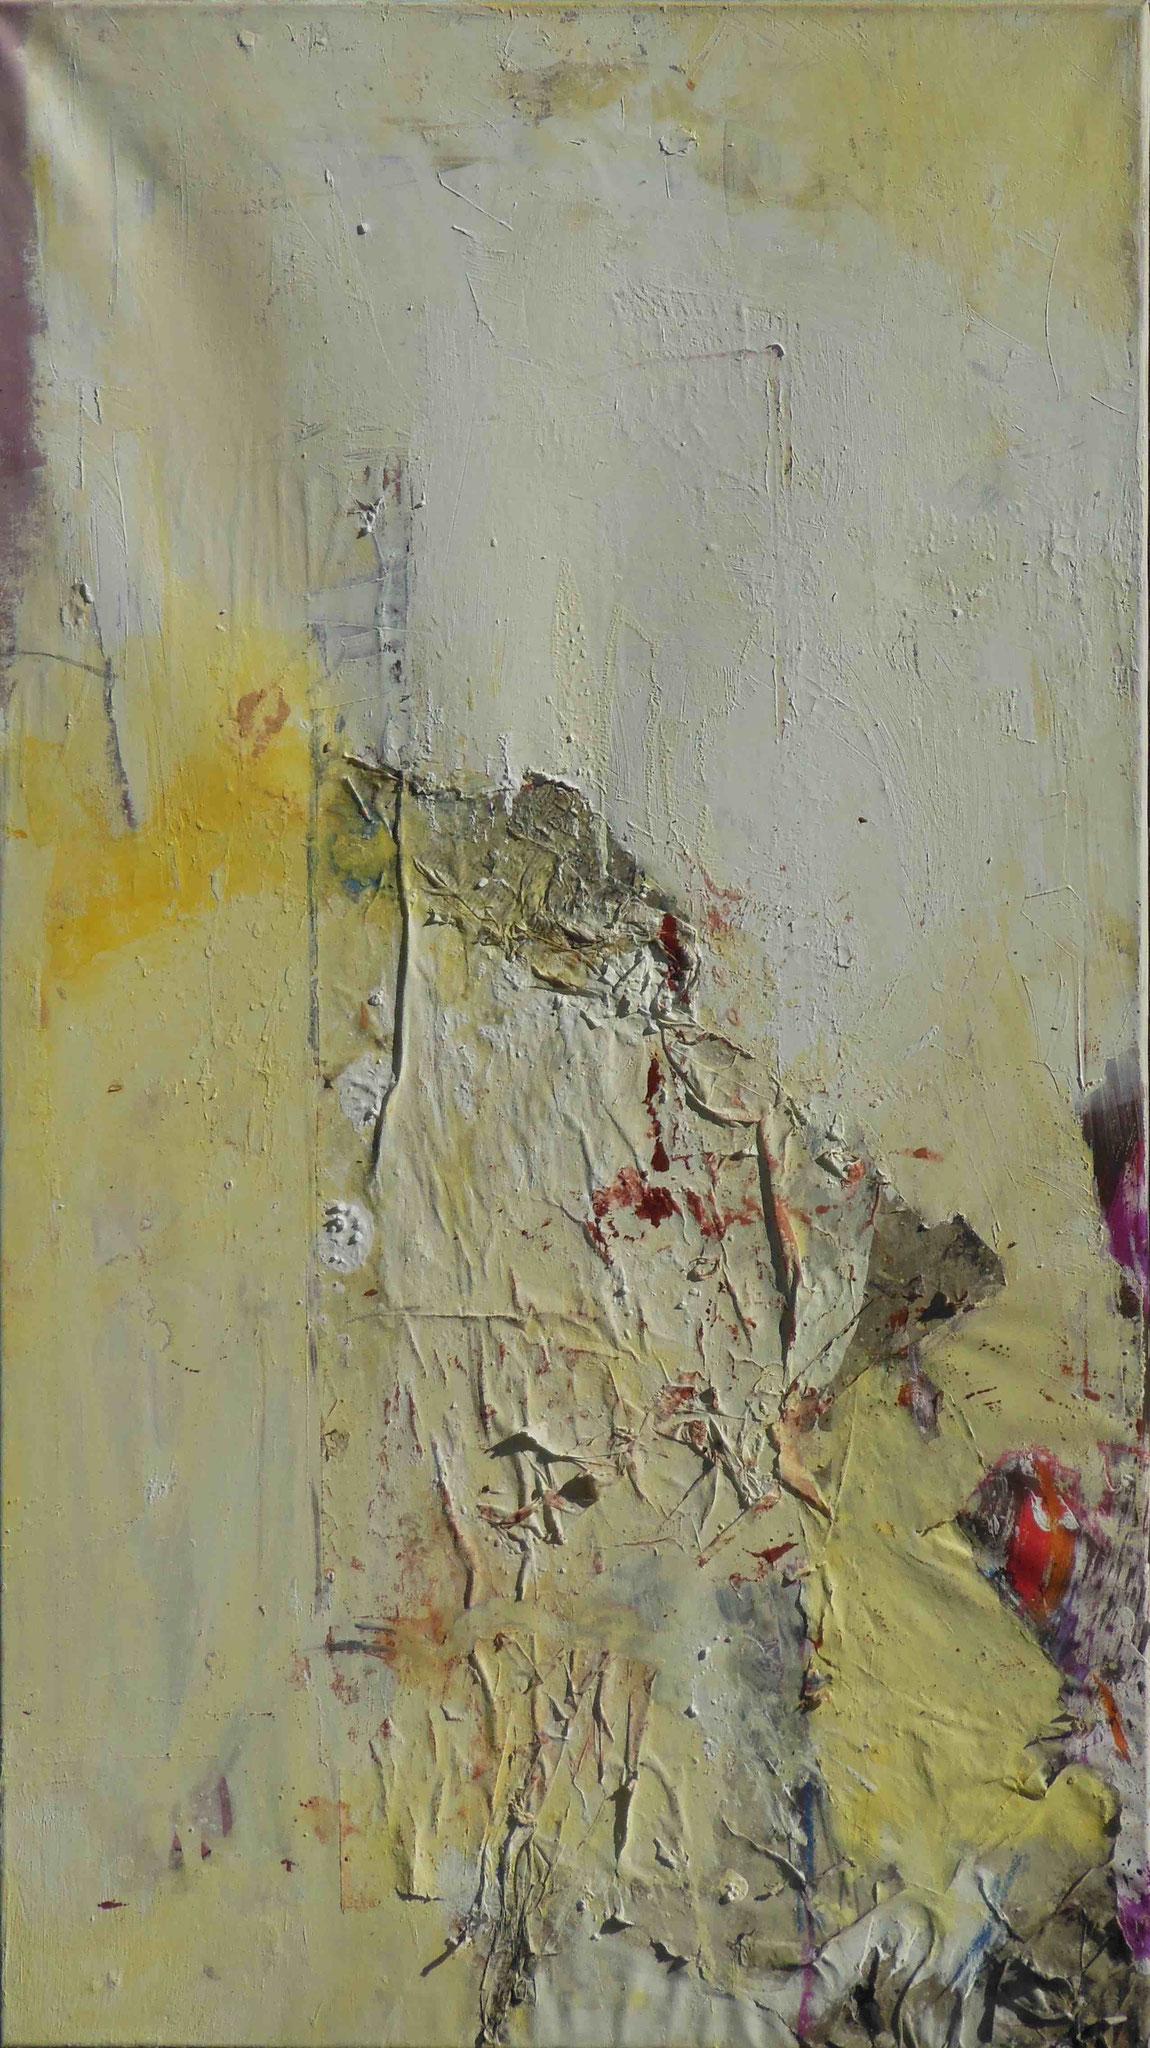 Zugeklebt, 2014, 80x140cm, Mischtechnik / Leinwand